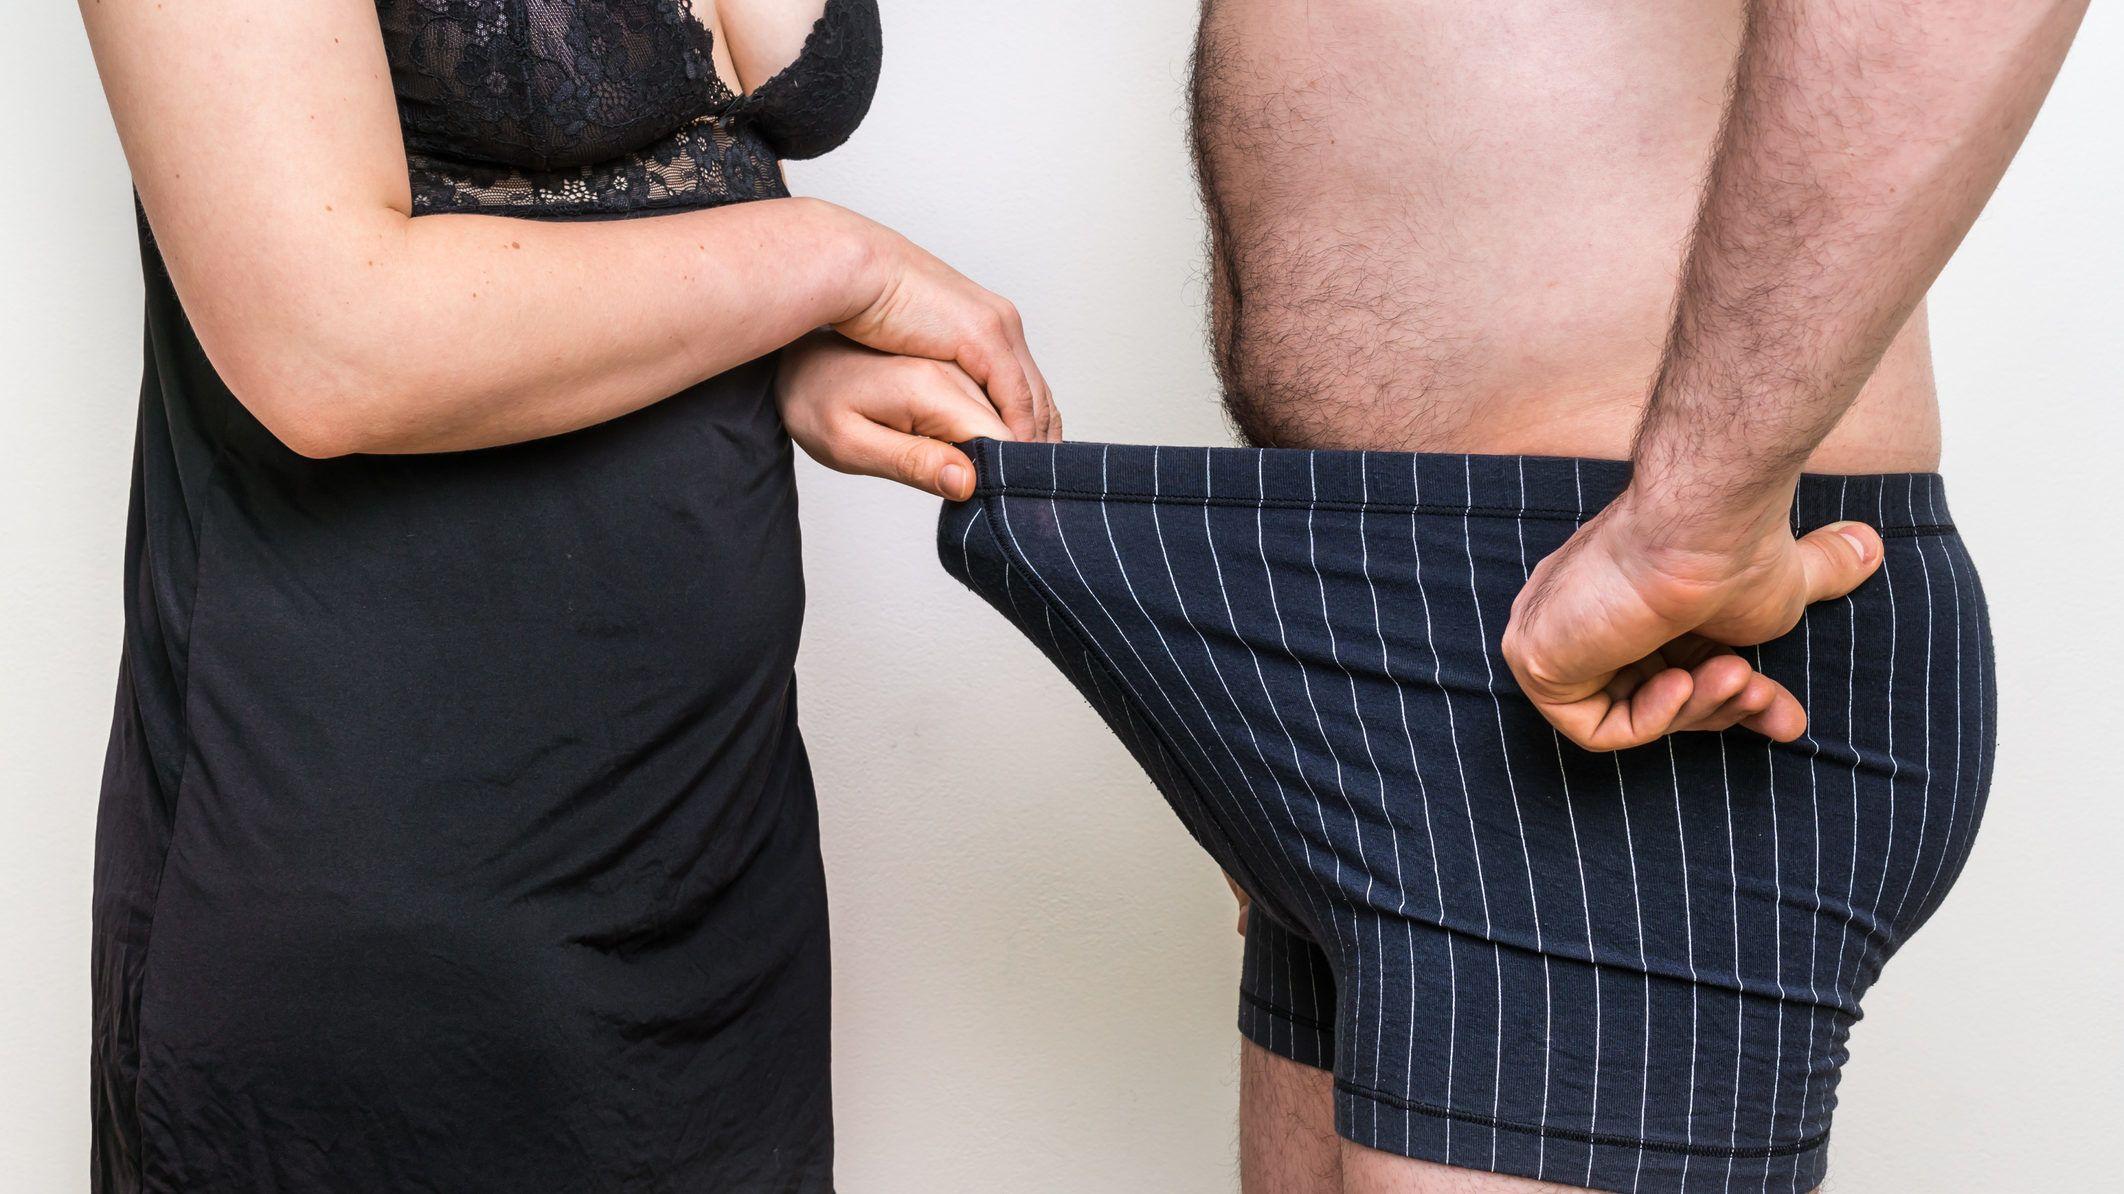 melyik péniszt preferálják a nők erekció szexuális ingerlés nélkül